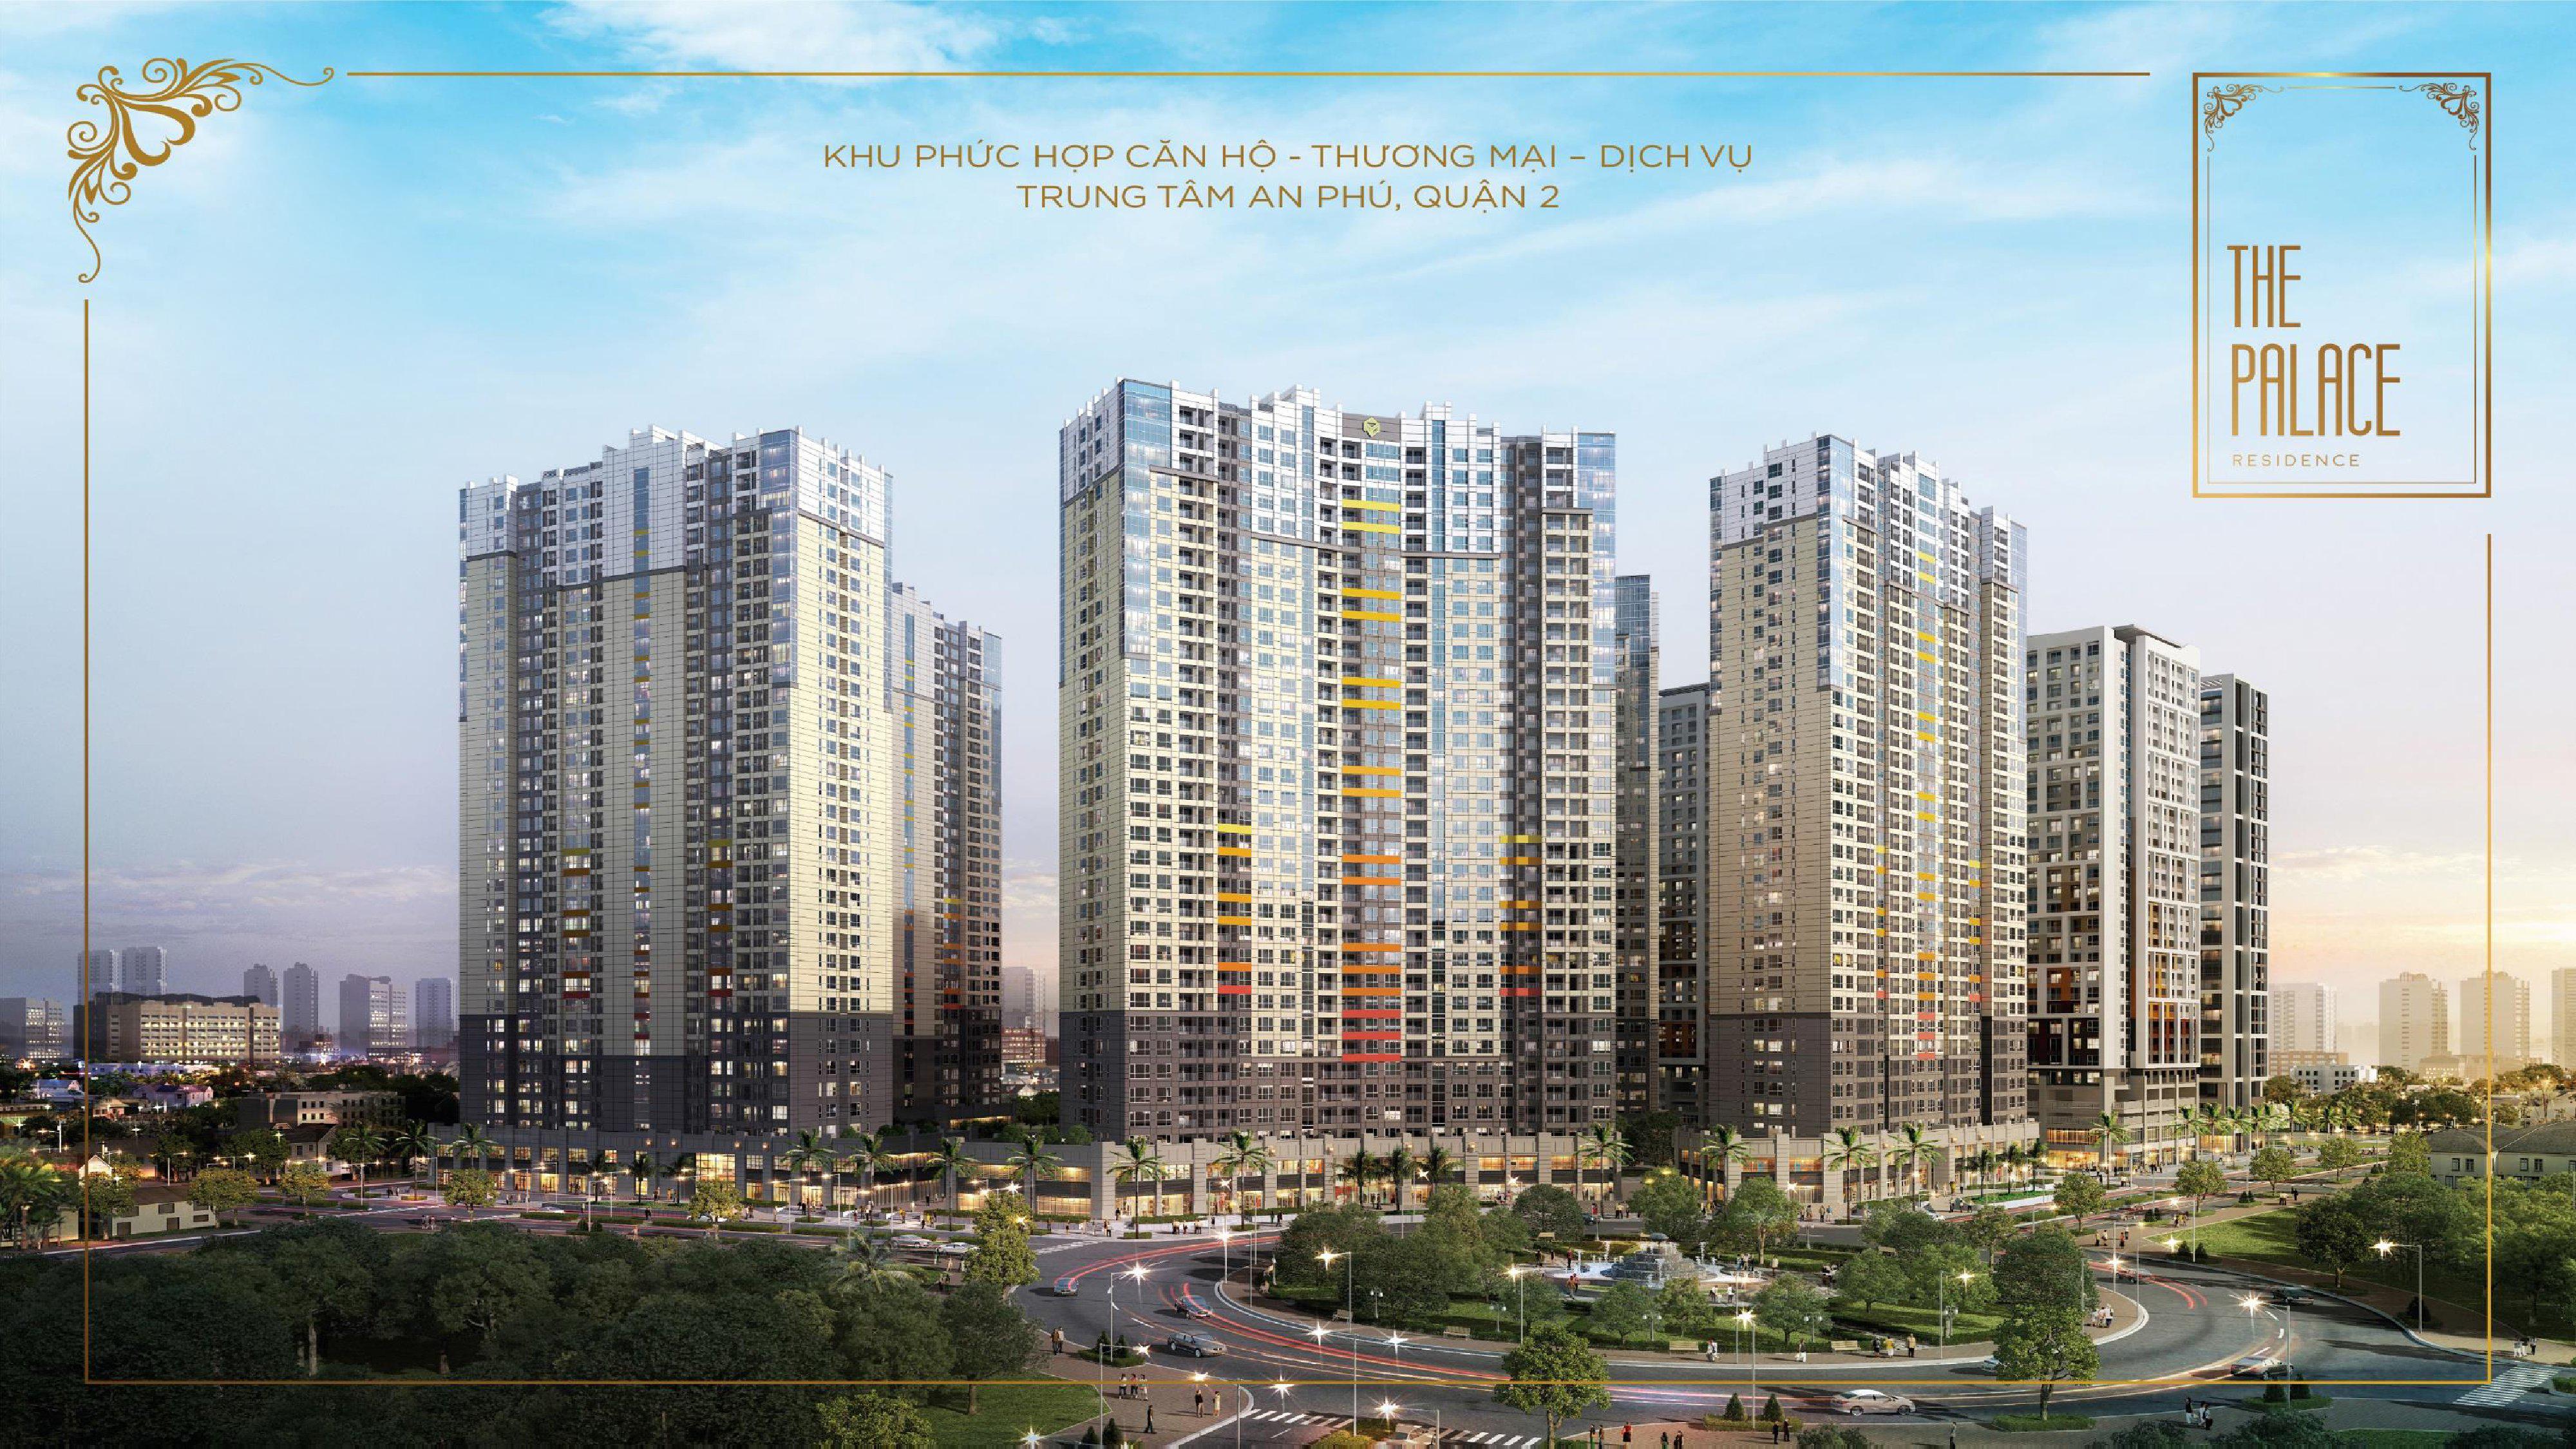 THE PALACE RESIDENCE Quận 2 chỉ từ 60 Triệu/m2